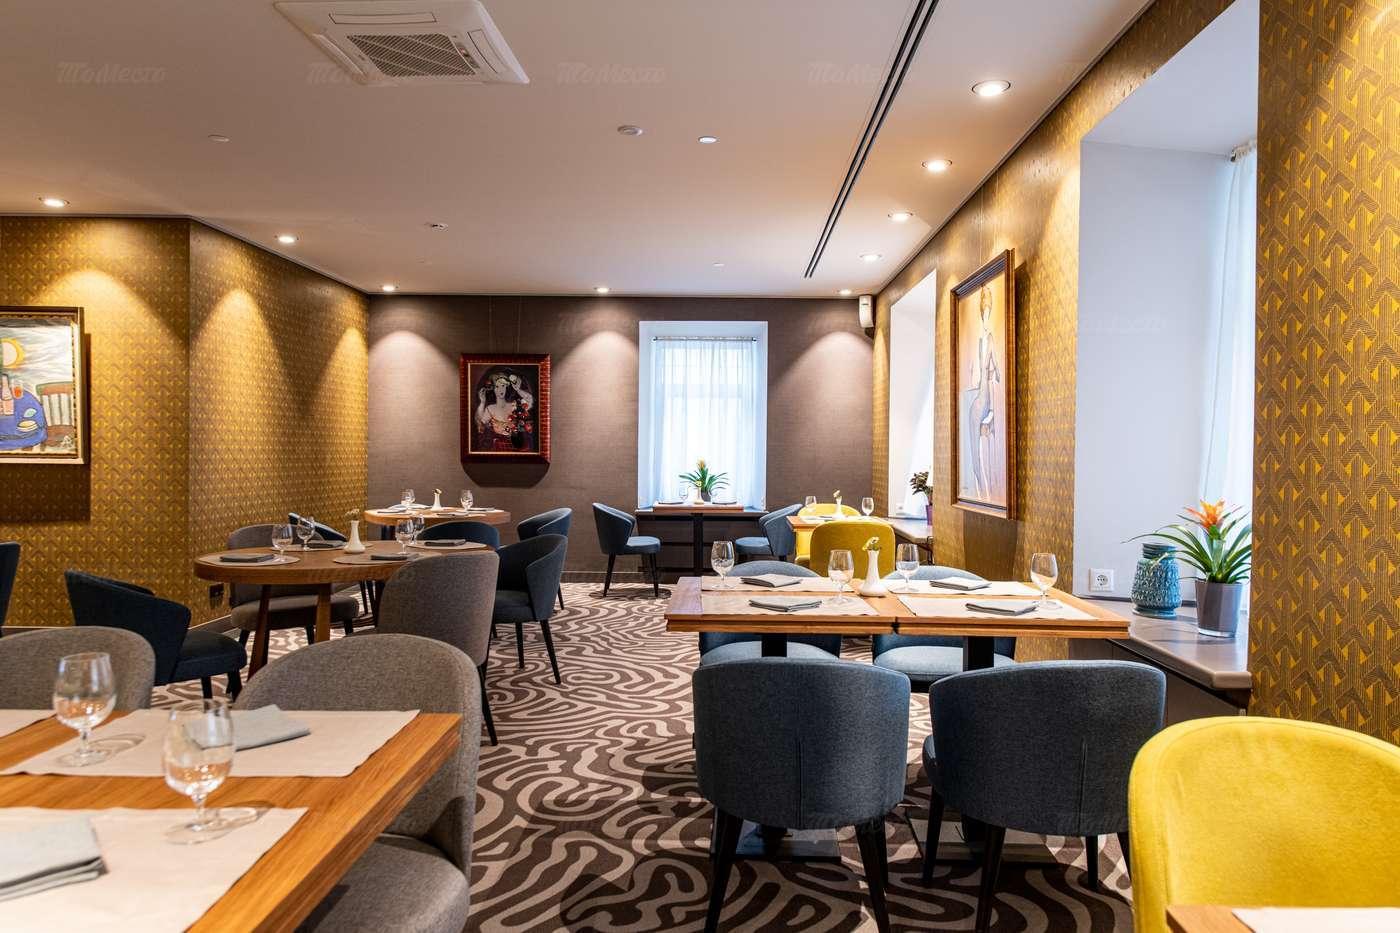 Ресторан Ле Карре (Le Carre) на Садовнической фото 4